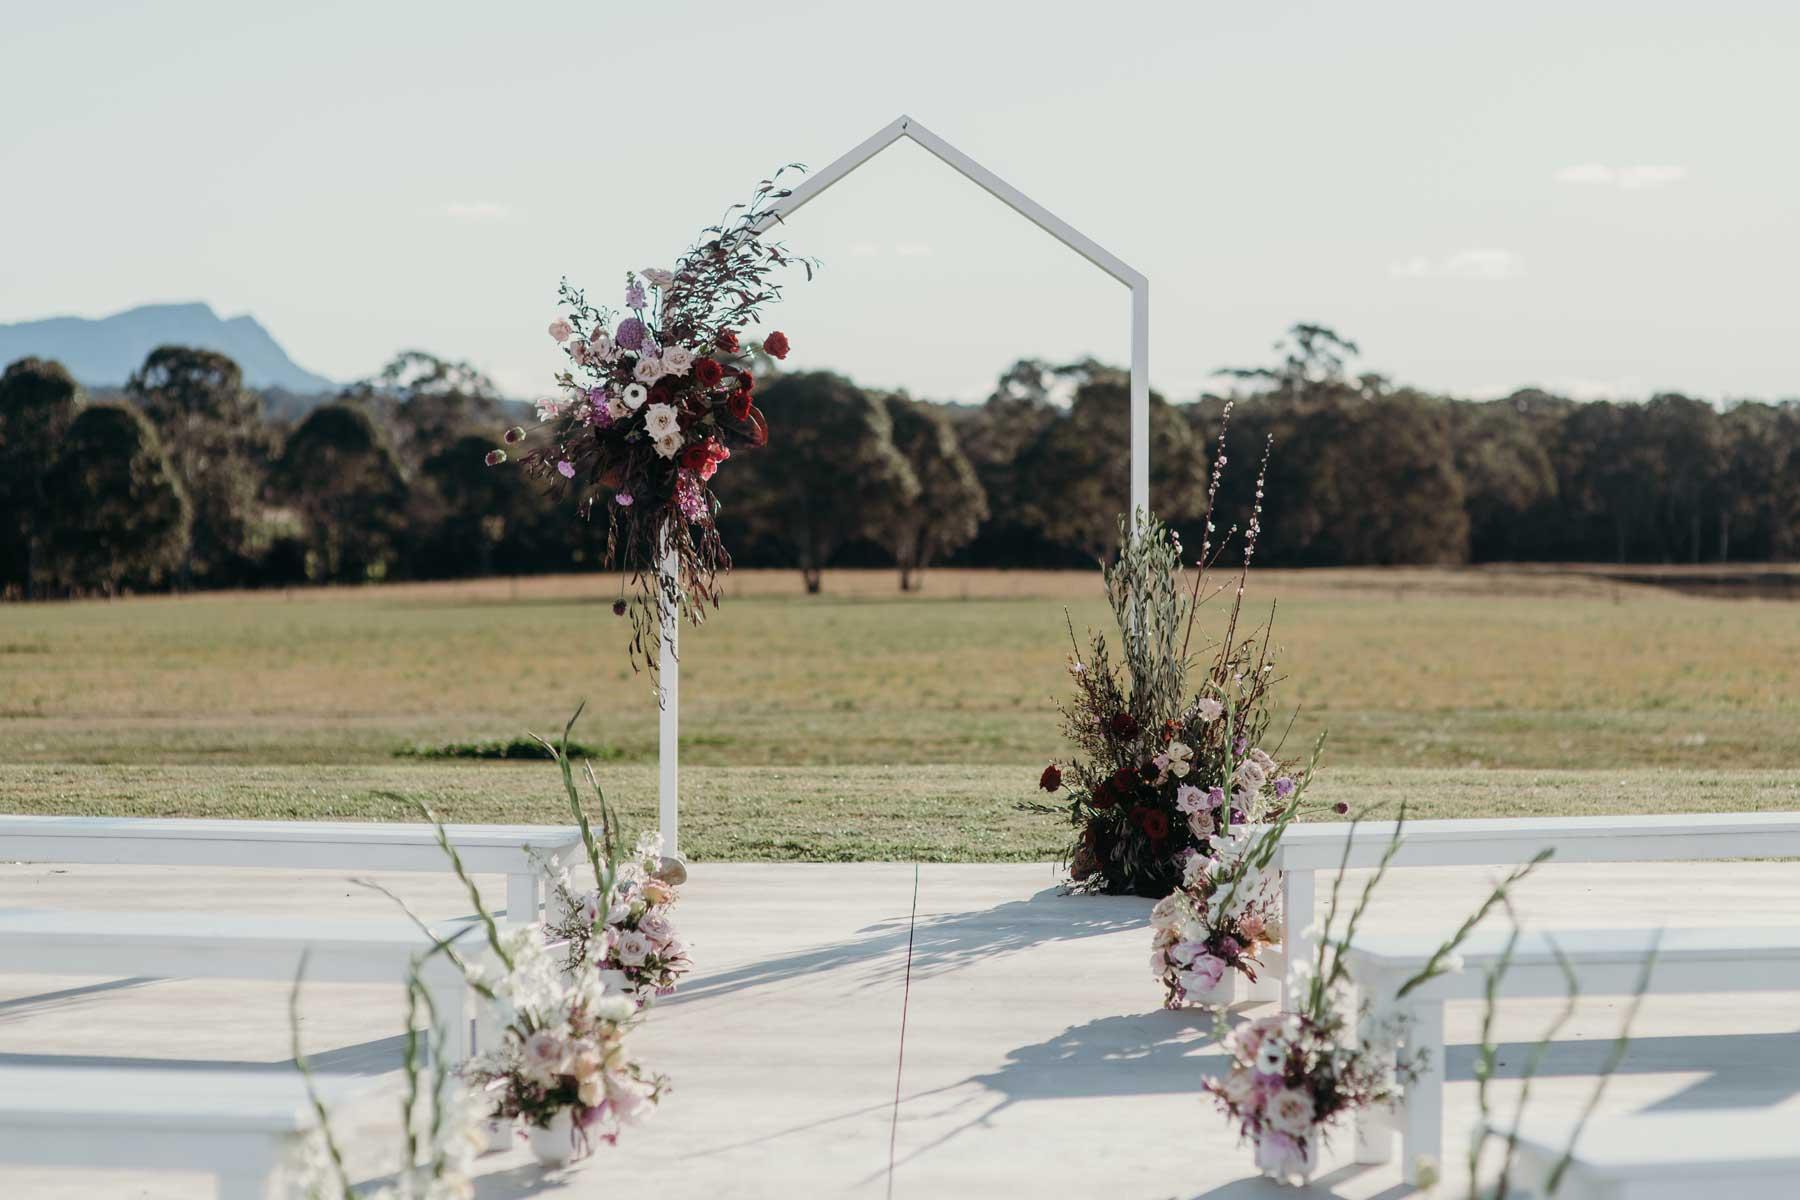 binet winery wedding ceremony arch